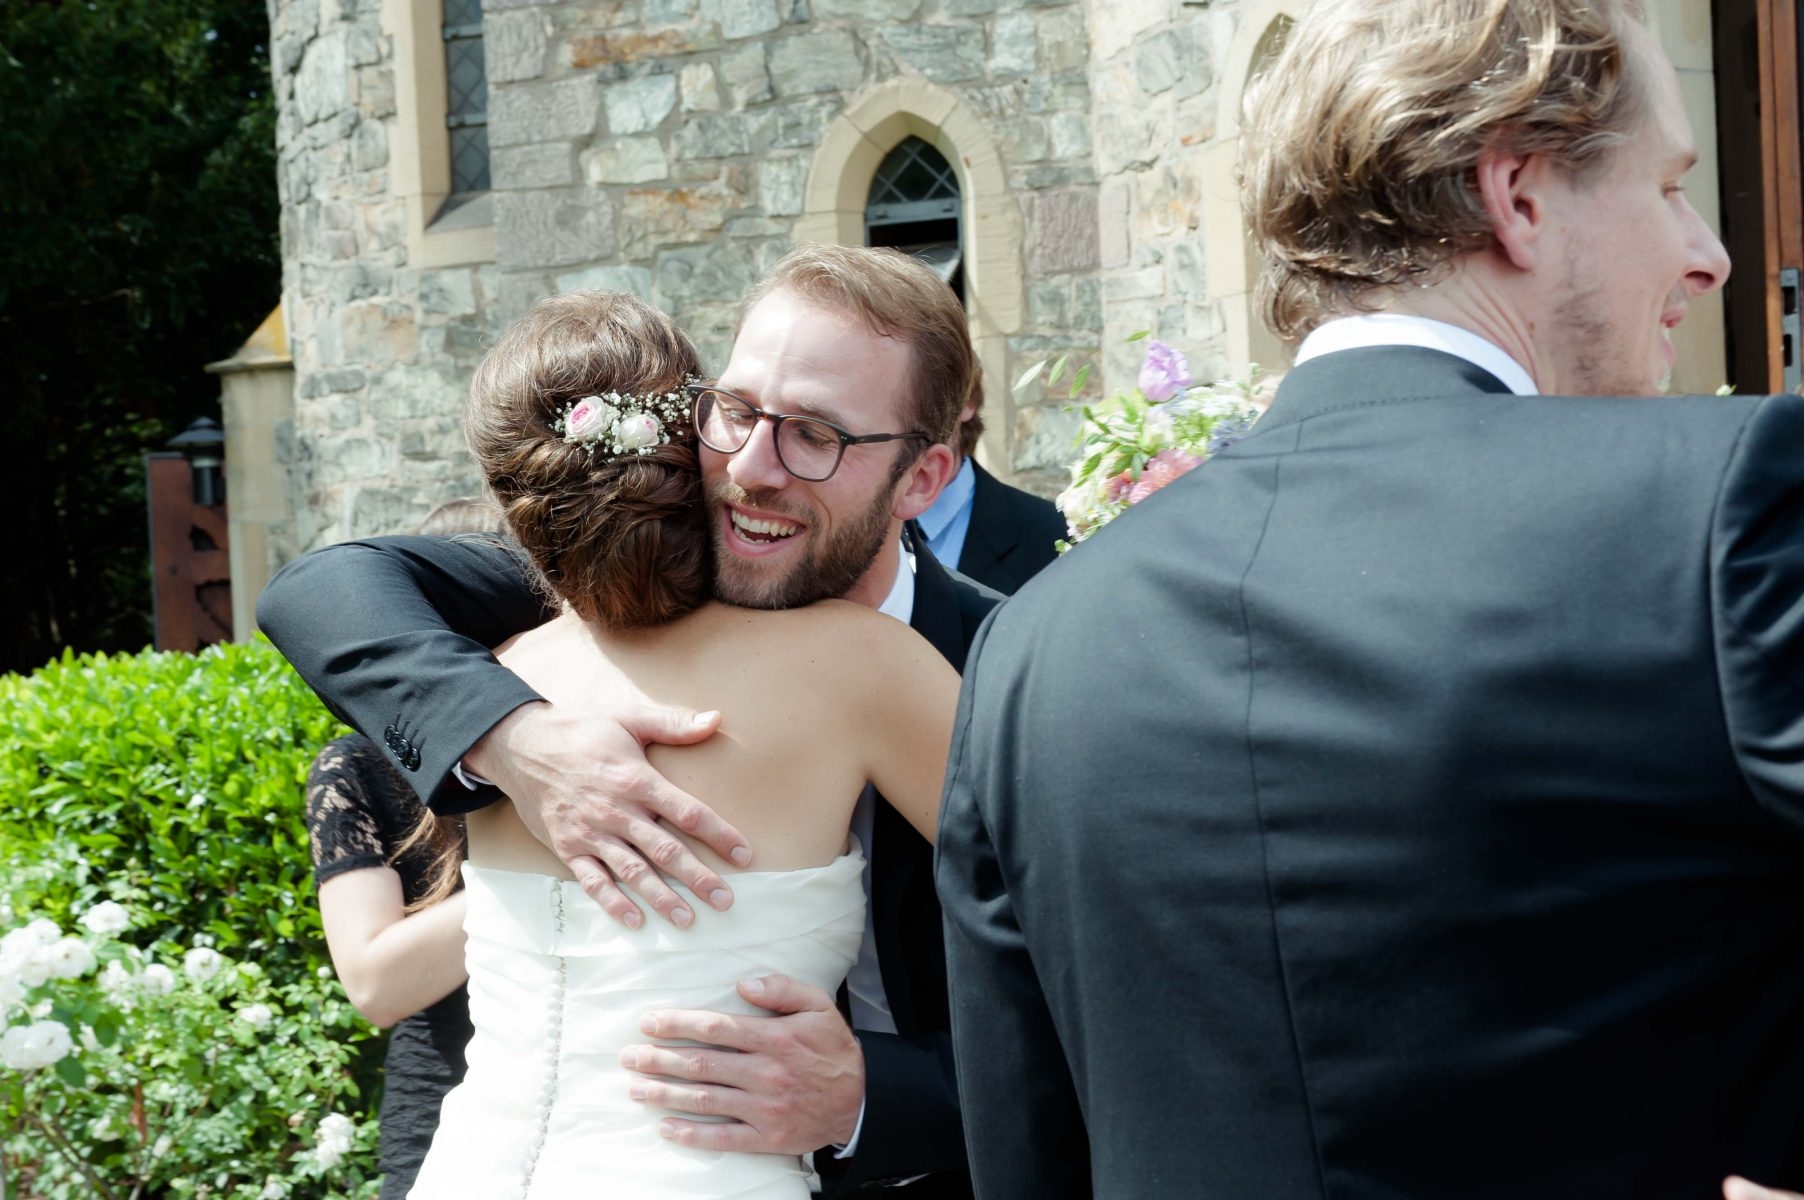 Hochzeit Gratulation B2000 221985 1804x1200 - GRATULATION & EMOTION